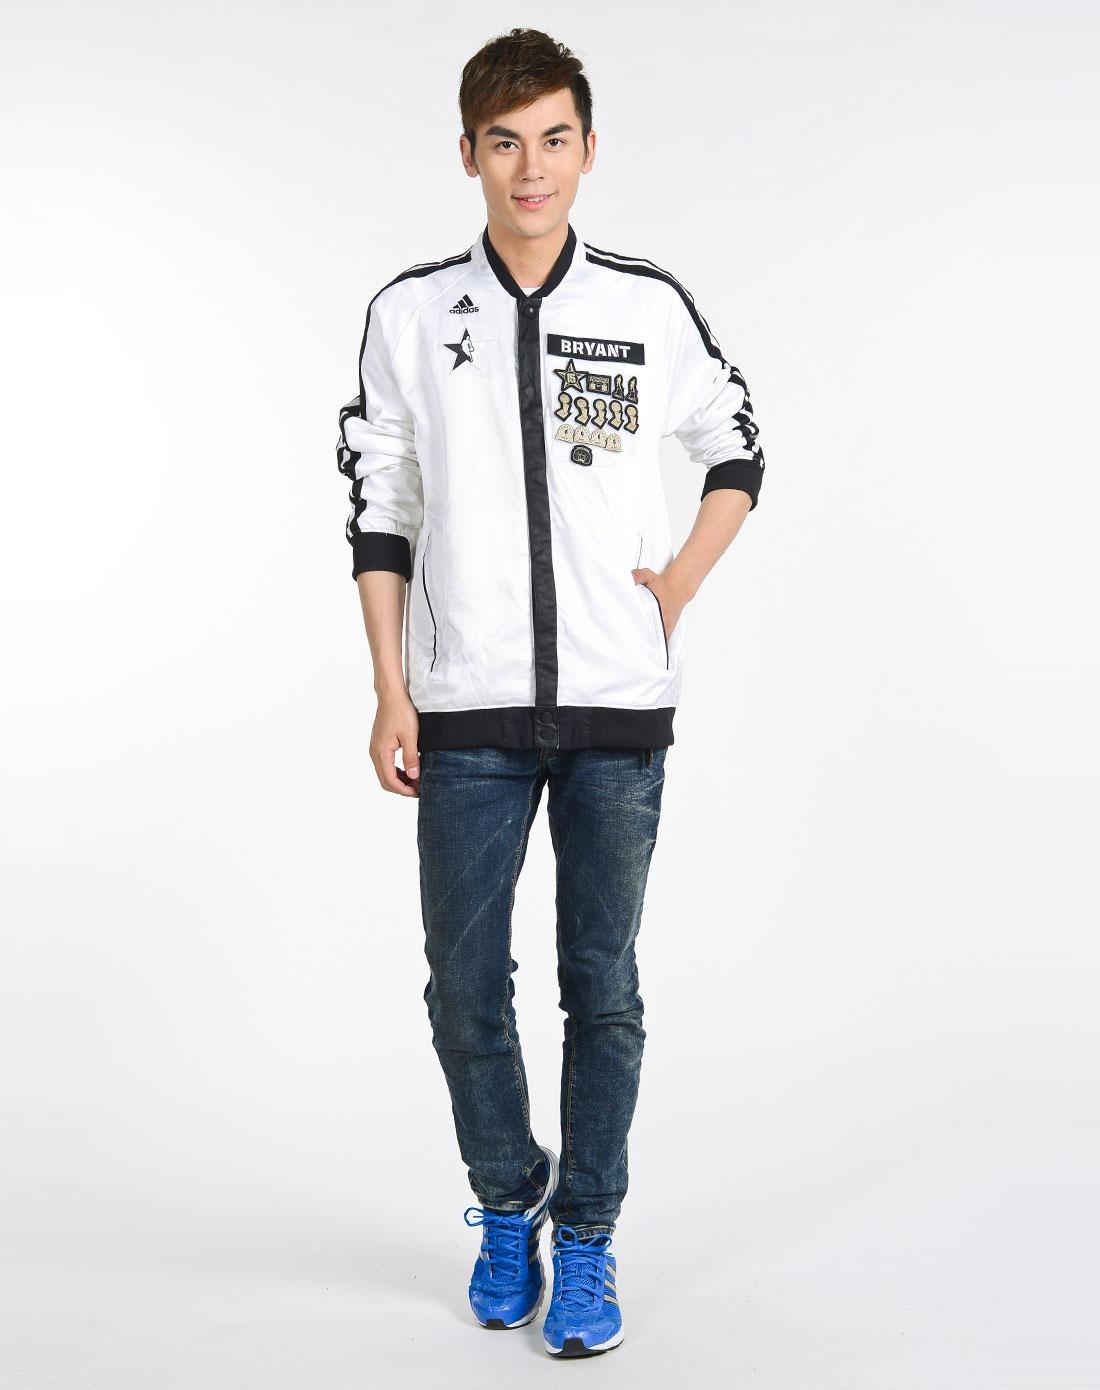 阿迪达斯adidas男装专场-男子黑色全明星限量版球员夹克